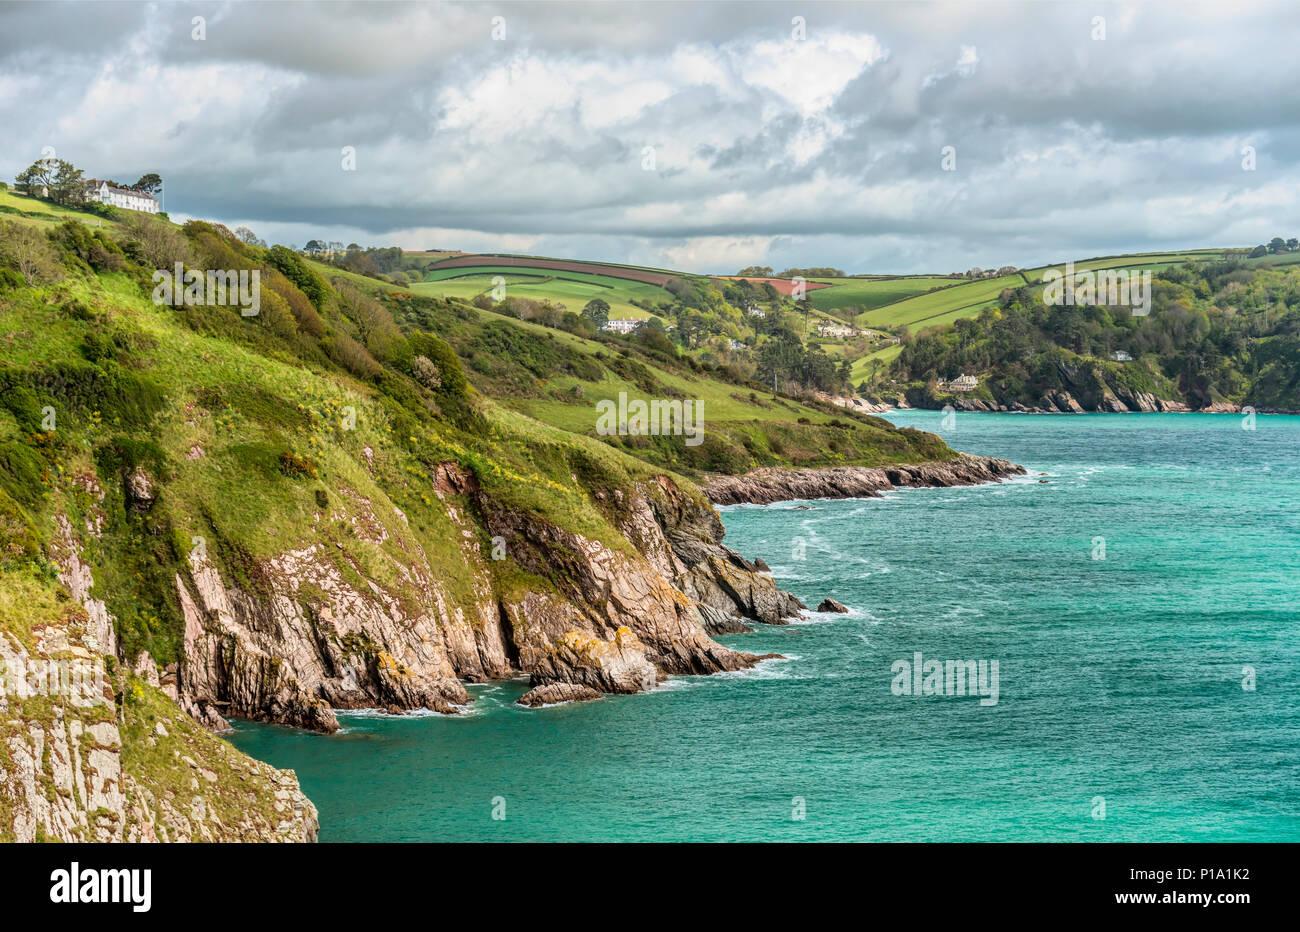 Malerische Küste an der Mündung des Dart River, Devon, England, UK   Malerische Tarifbezirk Kueste der Flussmuendung des Dart River, Devon, England, Großbritannien Stockbild